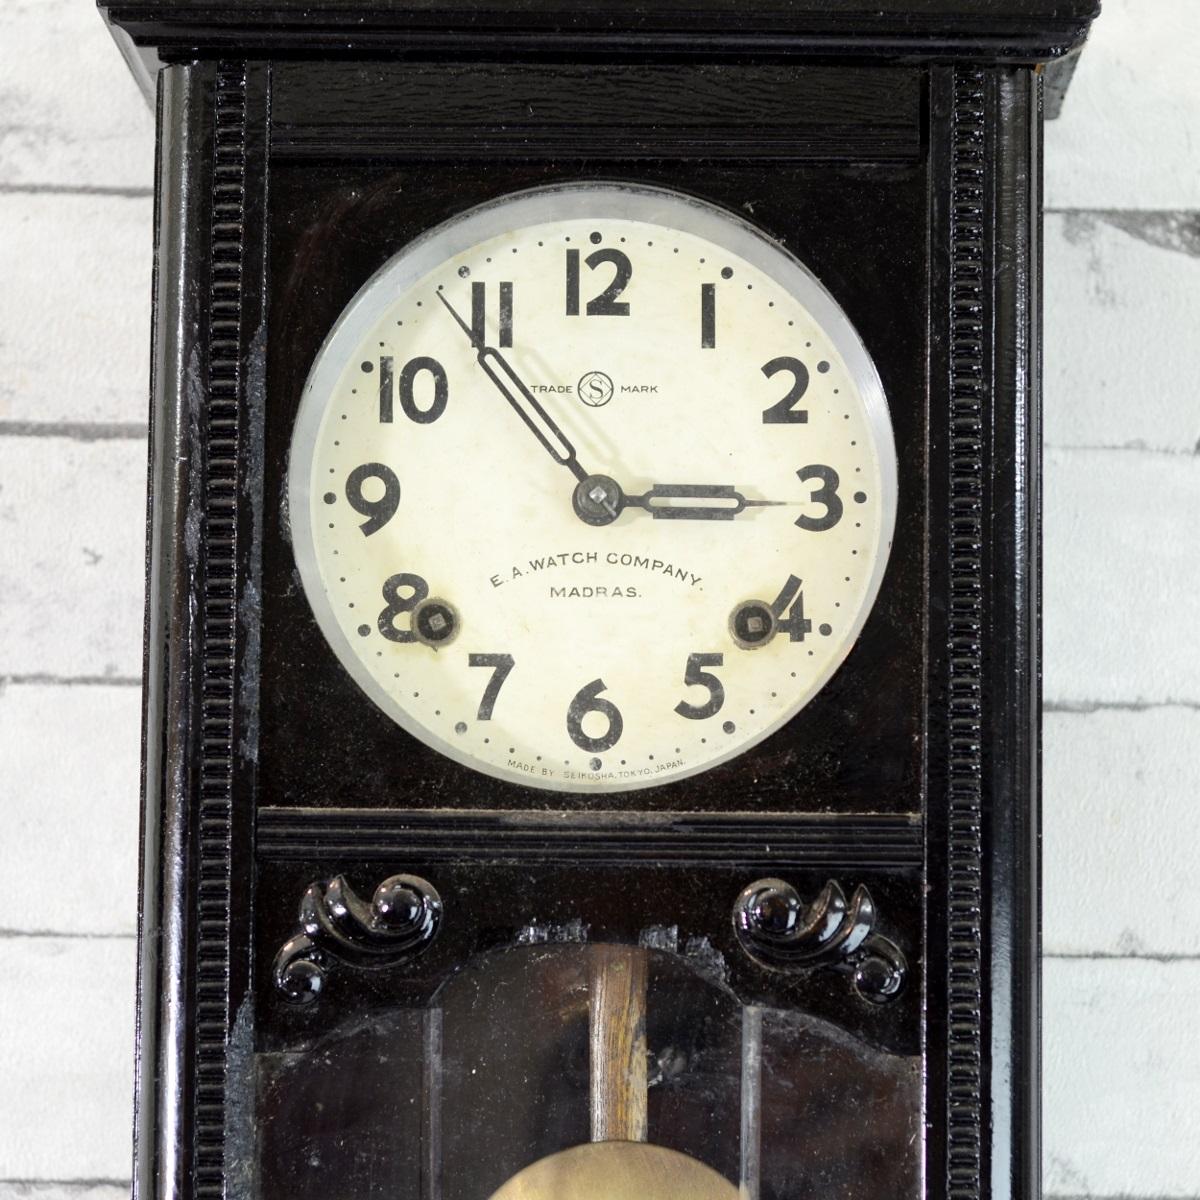 Seikosha mini tower 1940 pendulum wall clock antikcart antikcart seikosha mini tower 1940 pendulum wall clock dial amipublicfo Choice Image